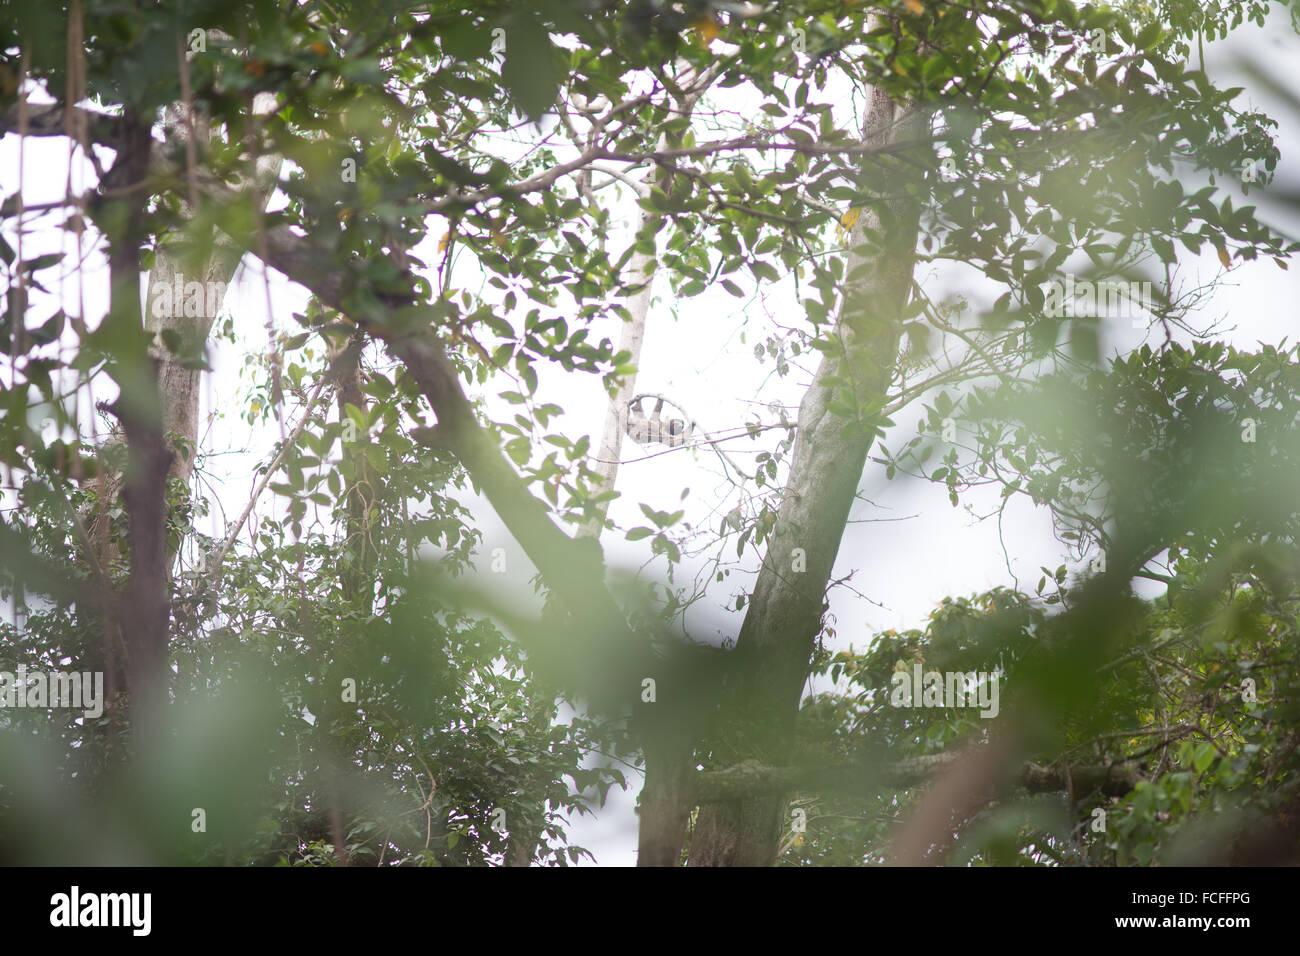 Ángulo de visión baja de Sloth Animal en el árbol en el bosque Foto de stock